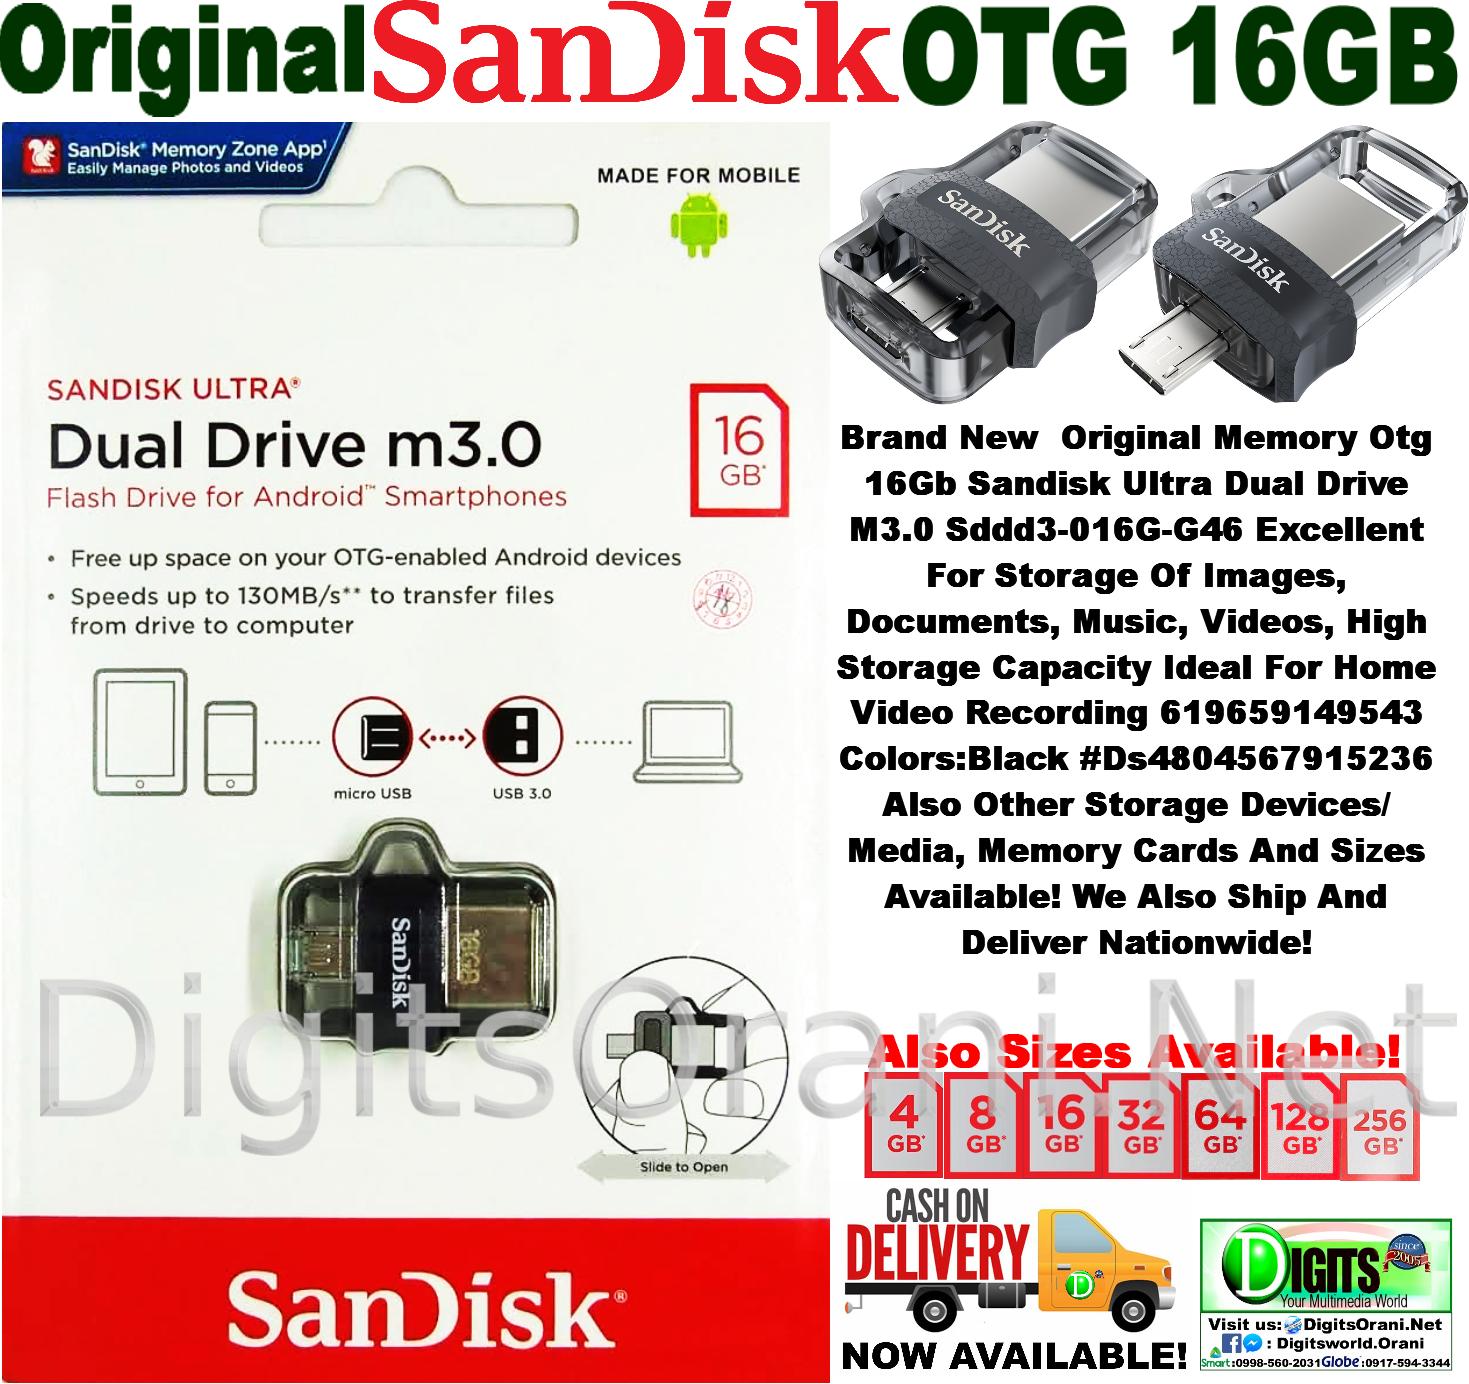 Harga Dan Spesifikasi Sandisk Otg 32gb Ori Termurah 2018 New Vario 110 Esp Cbs Iss Glam Red Pemalang Original Memory 16gb Ultra Dual Drive M30 Sddd3 016g Touch To Zoom